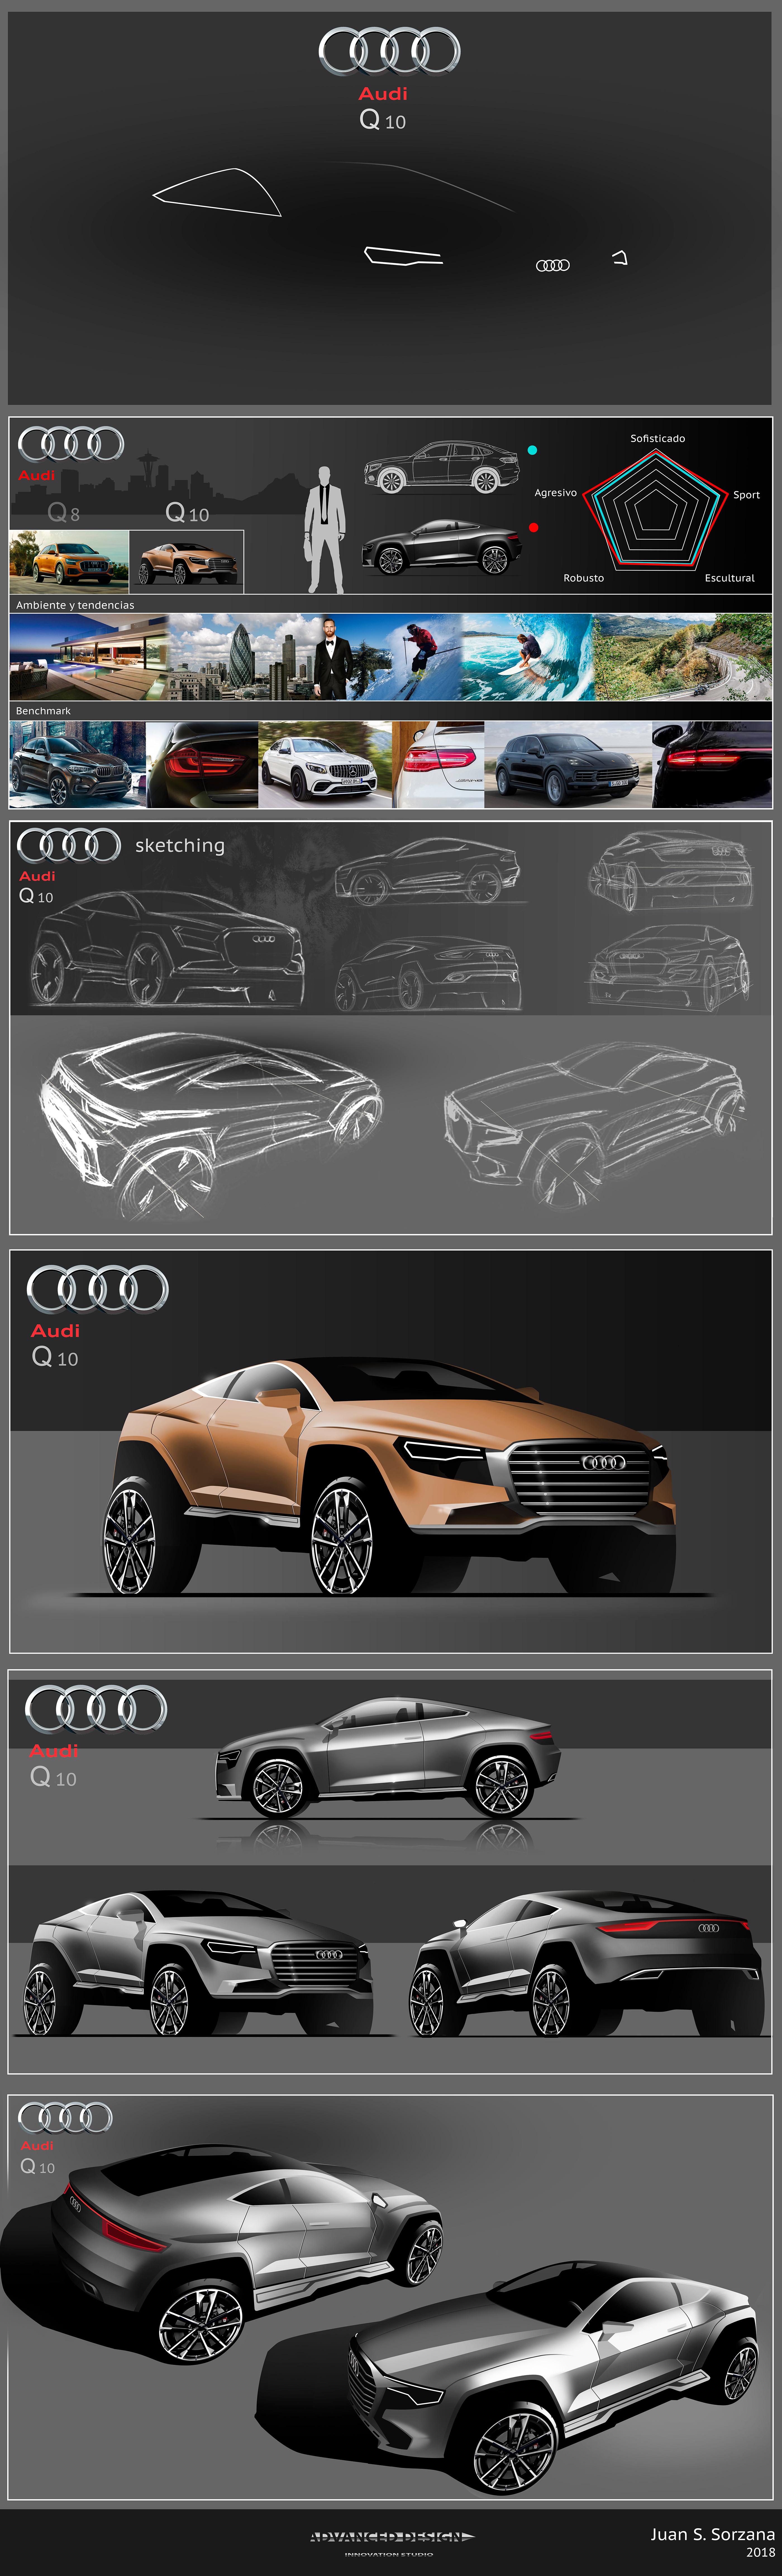 Kekurangan Audi Q10 Review